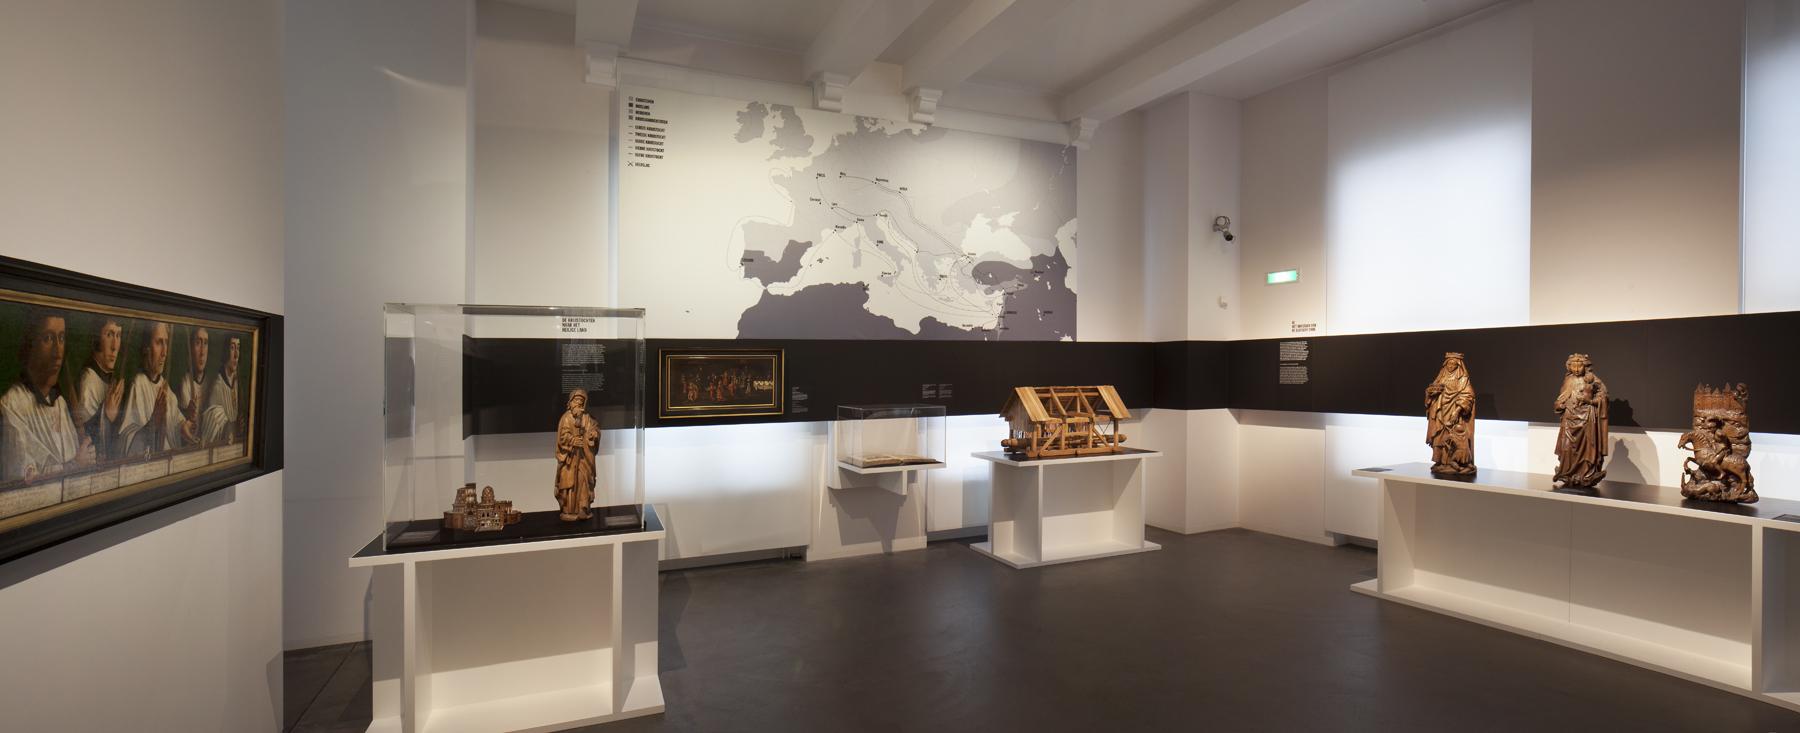 tentoonstellingsontwerp kruivaarders en weldoeners centraal museum 02 jpg